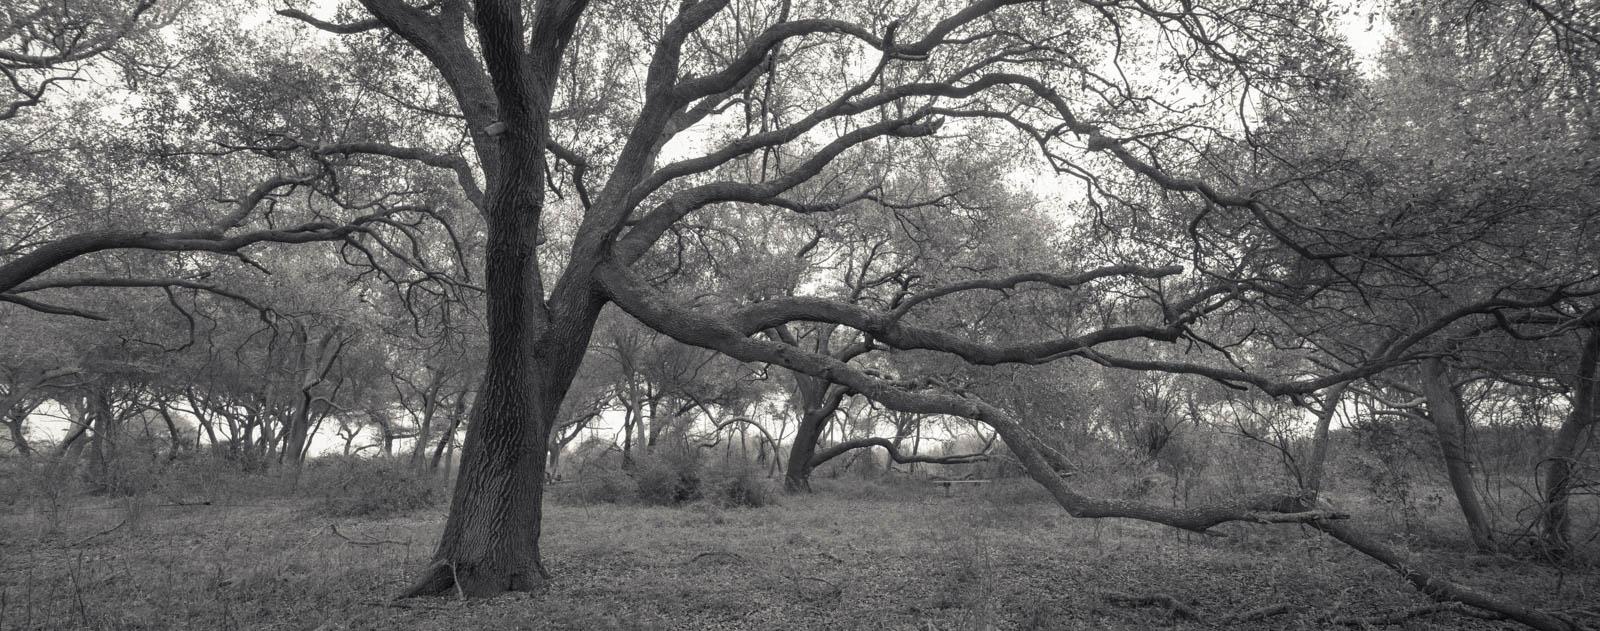 peveto_woods11